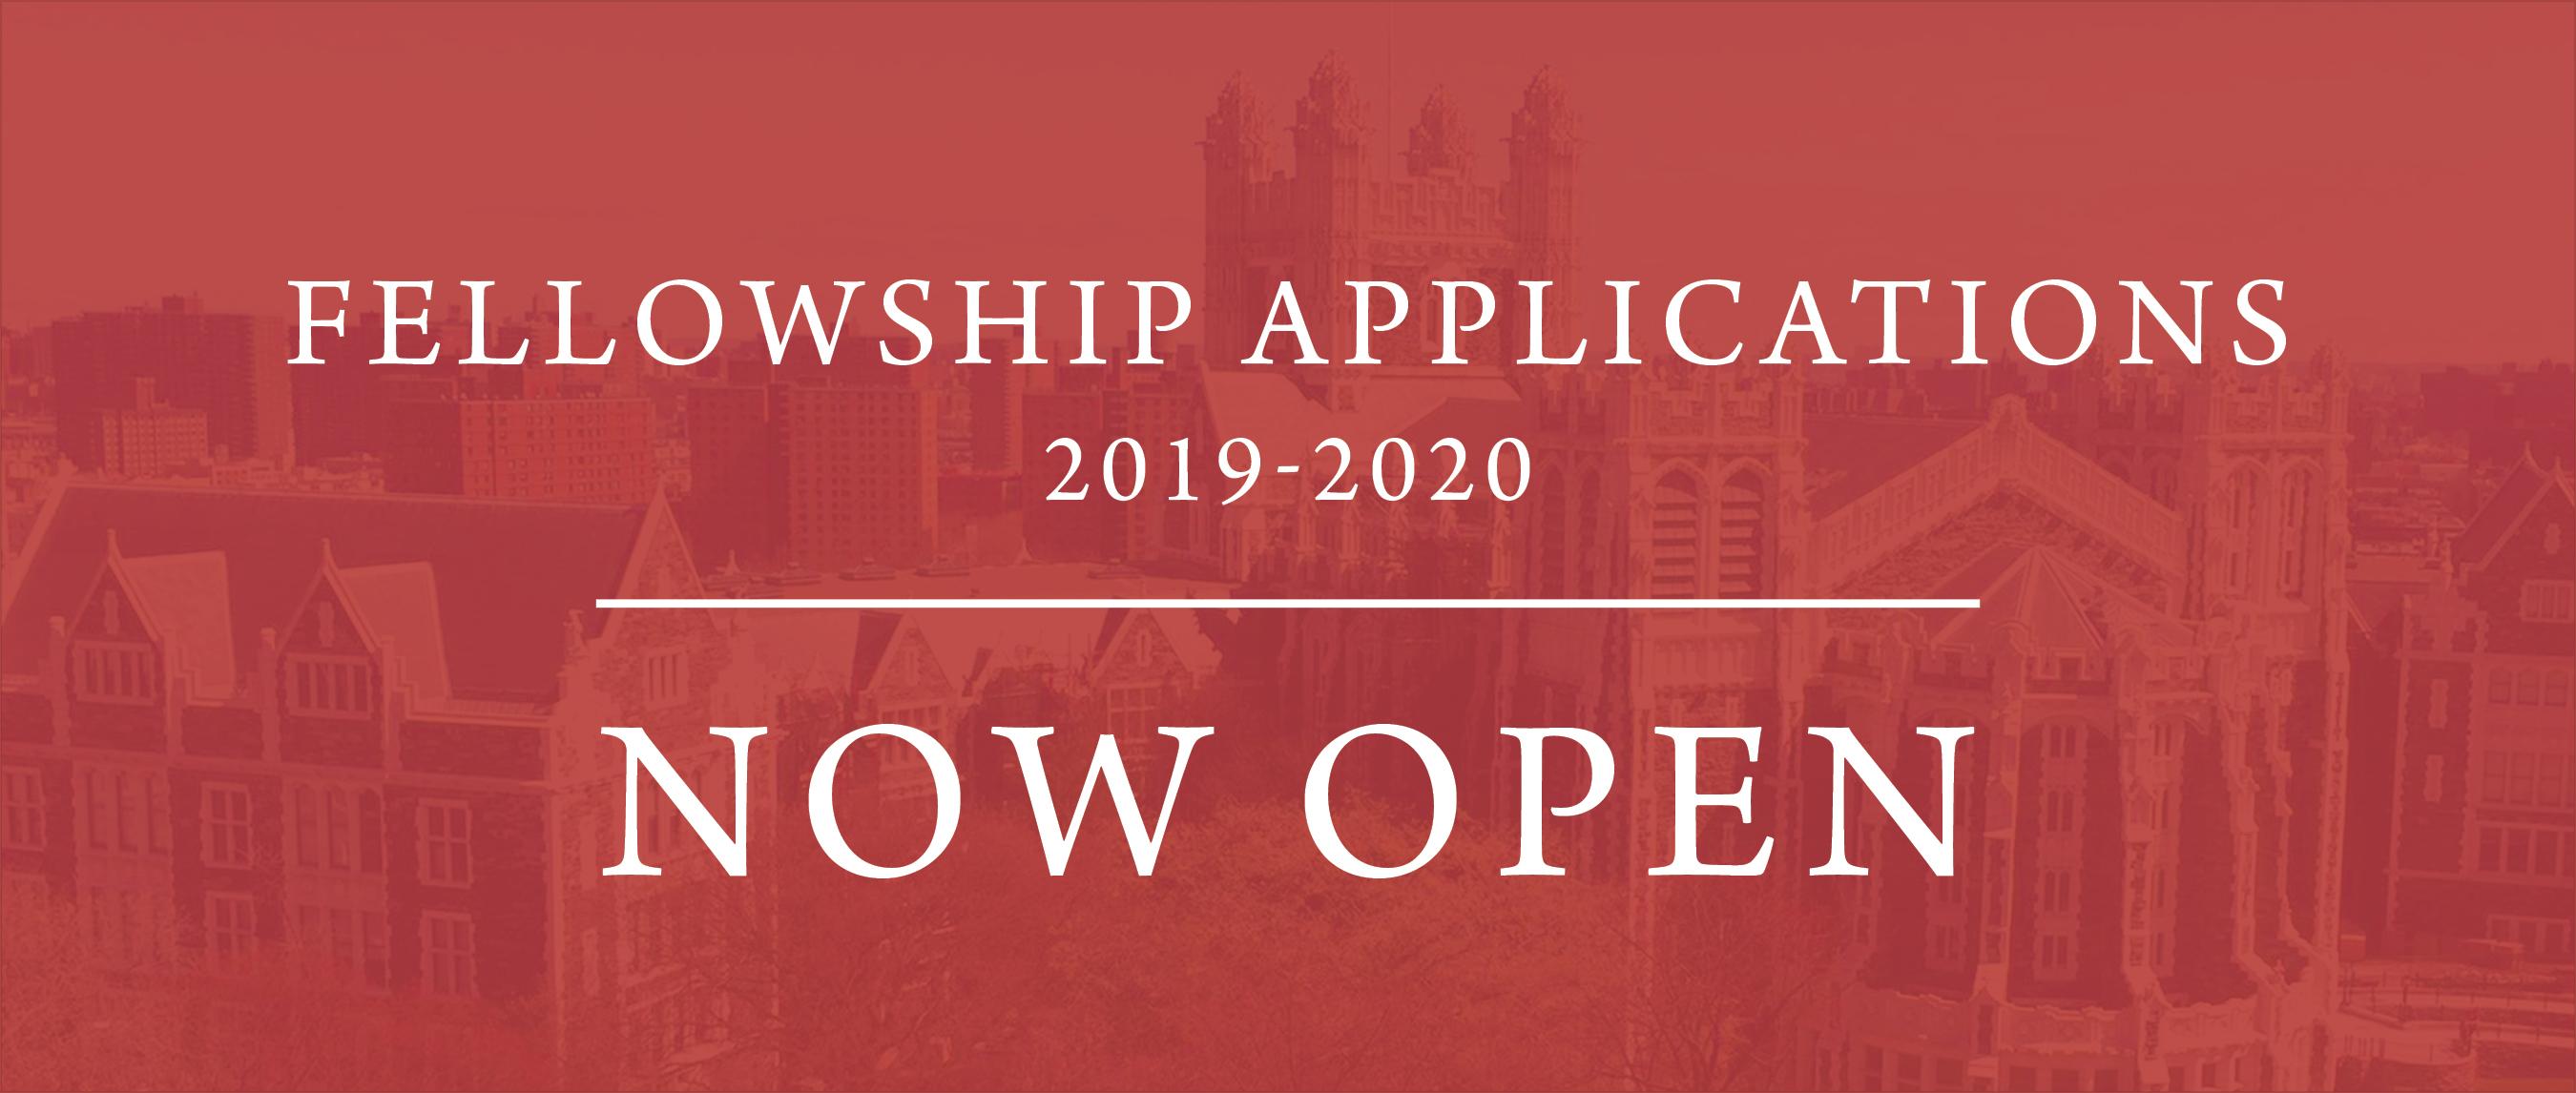 fellowship applications open